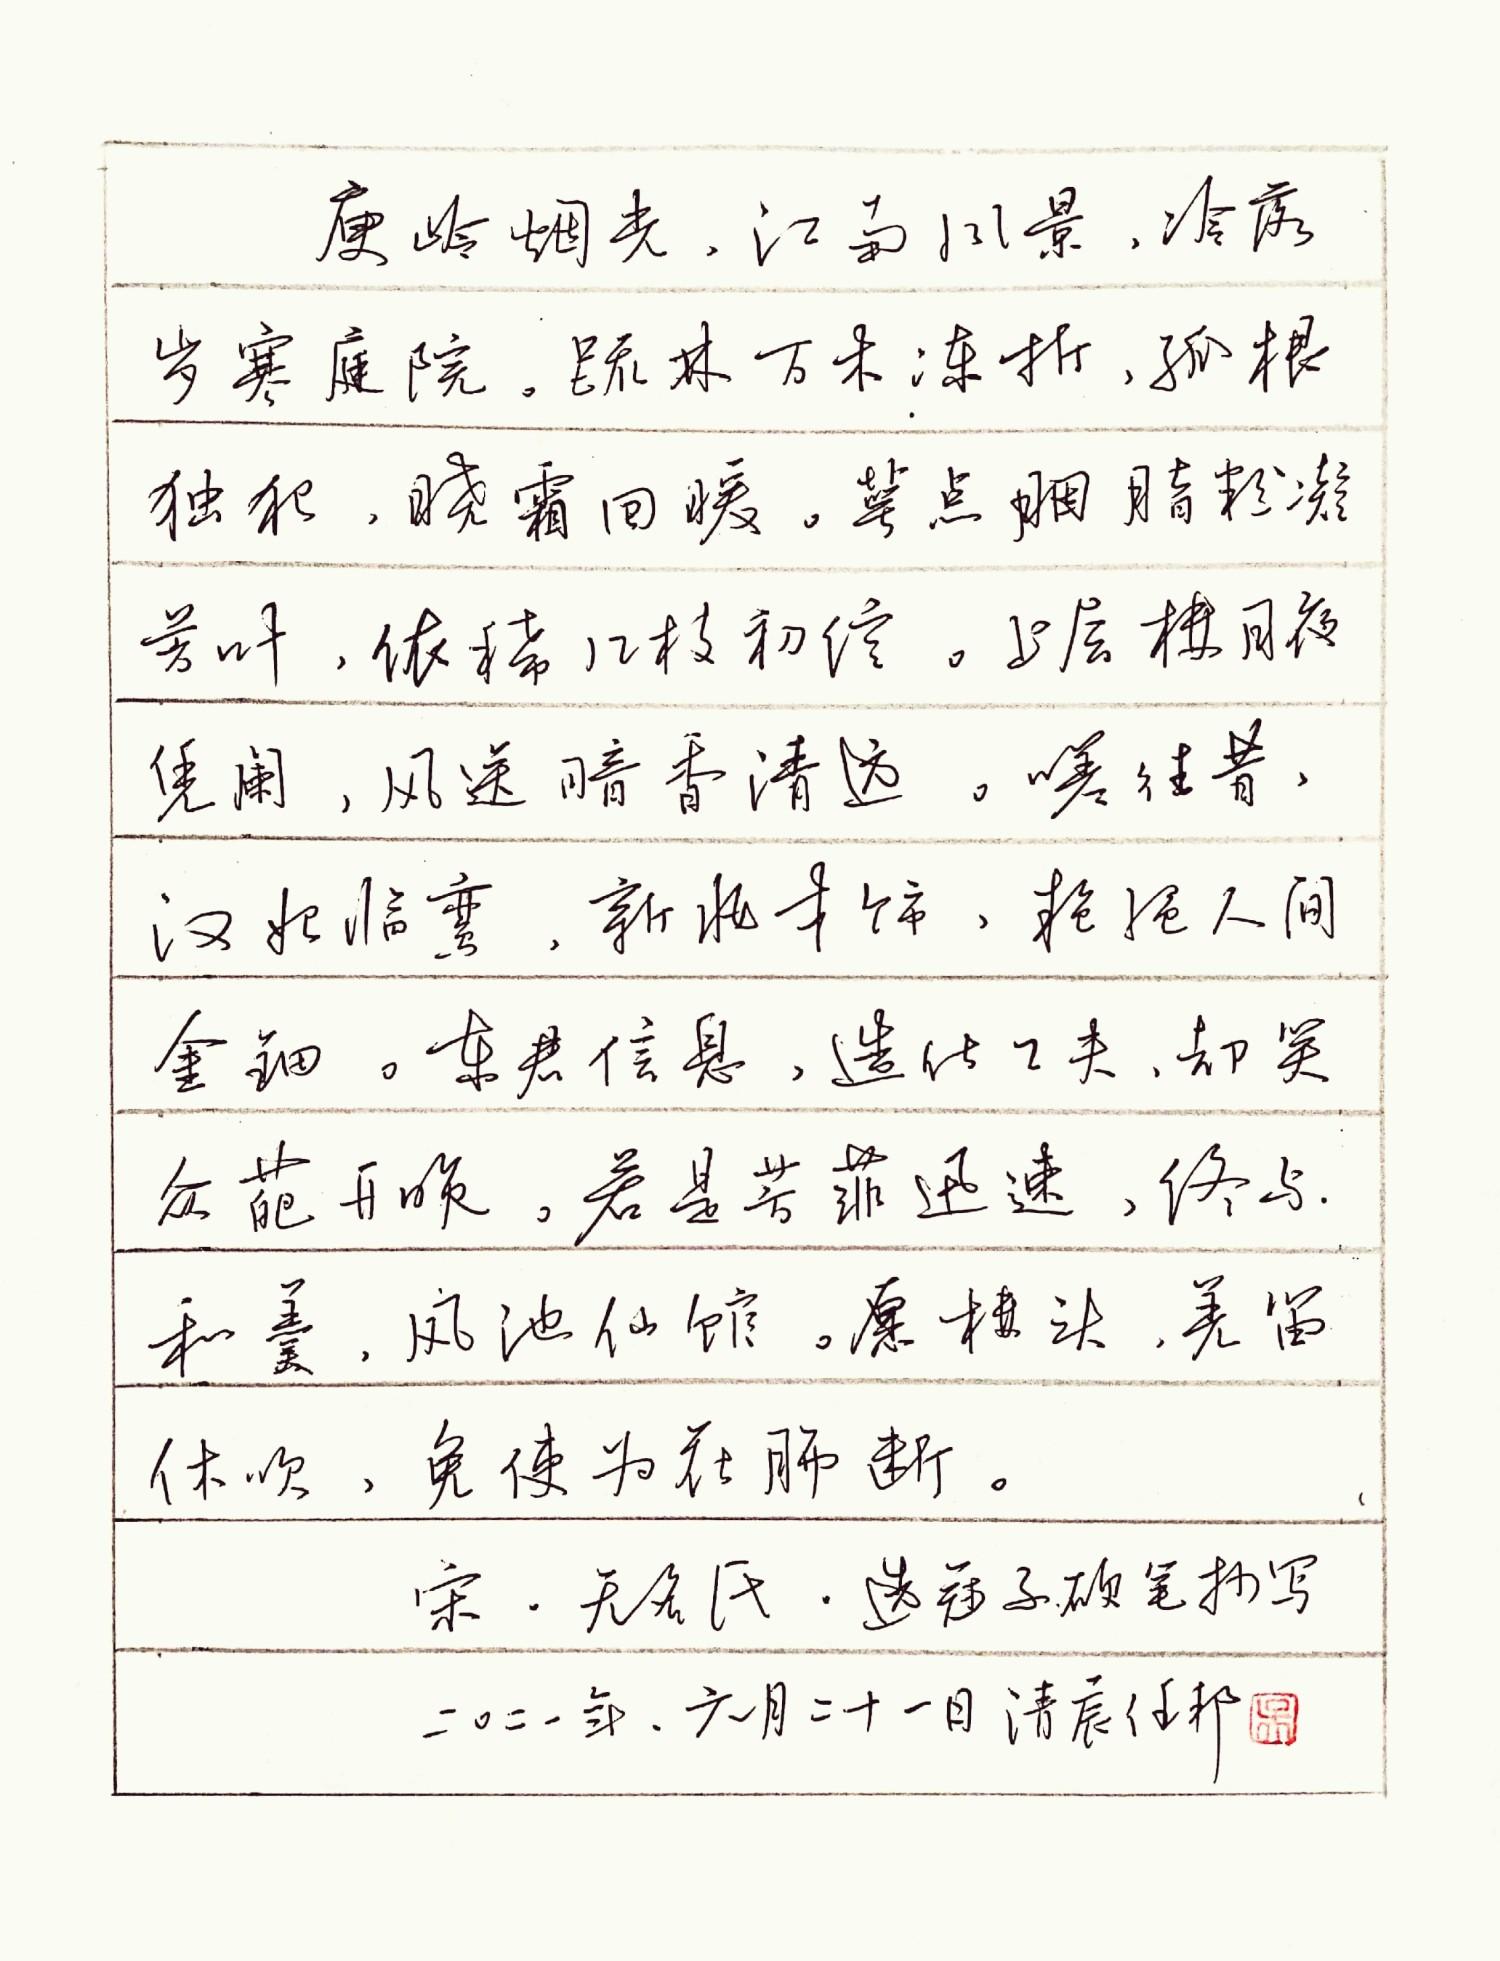 钢笔书法练字打卡20210622-04